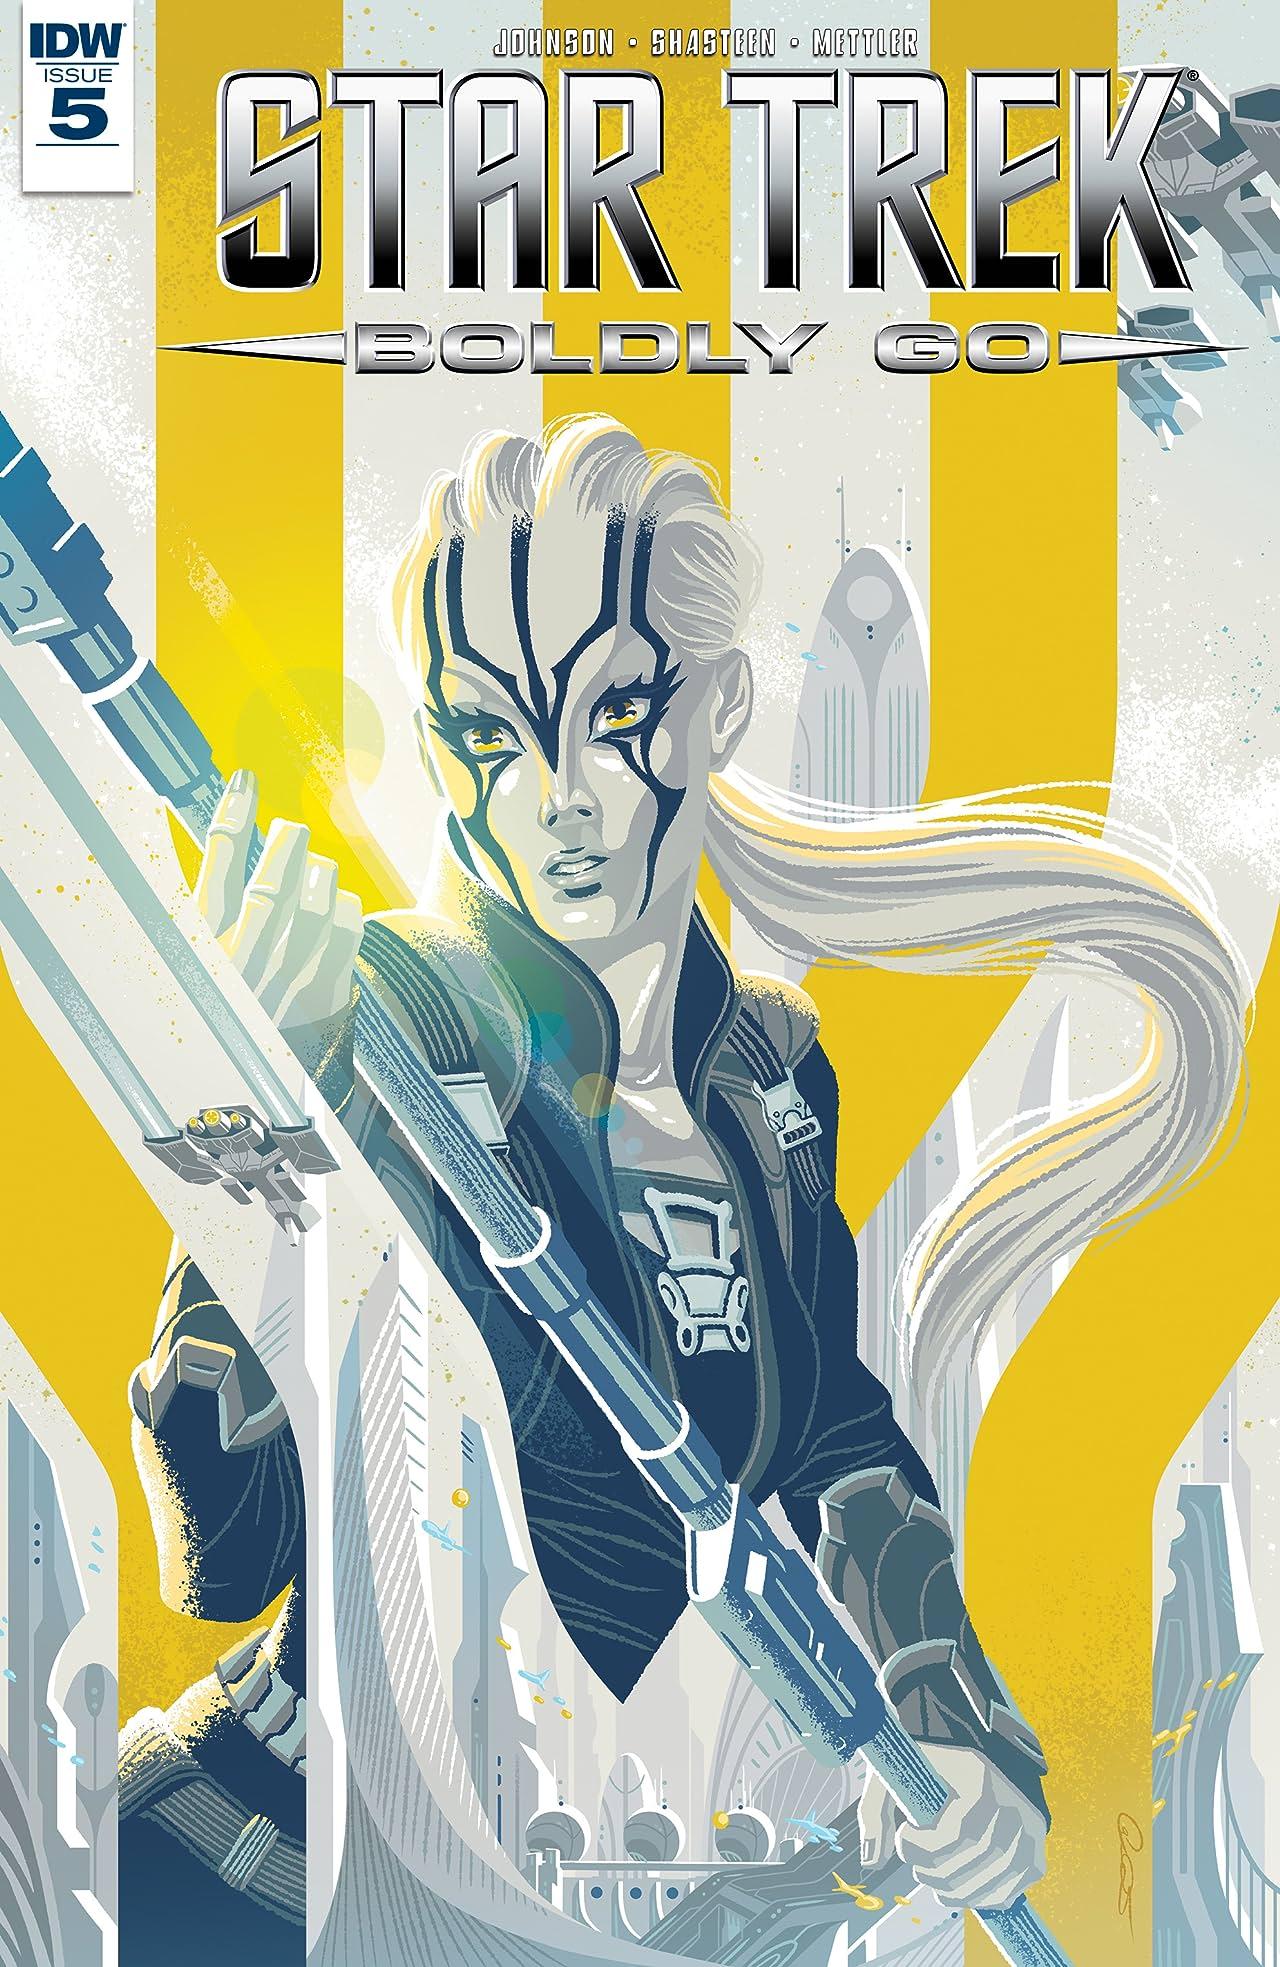 Star Trek: Boldly Go #5